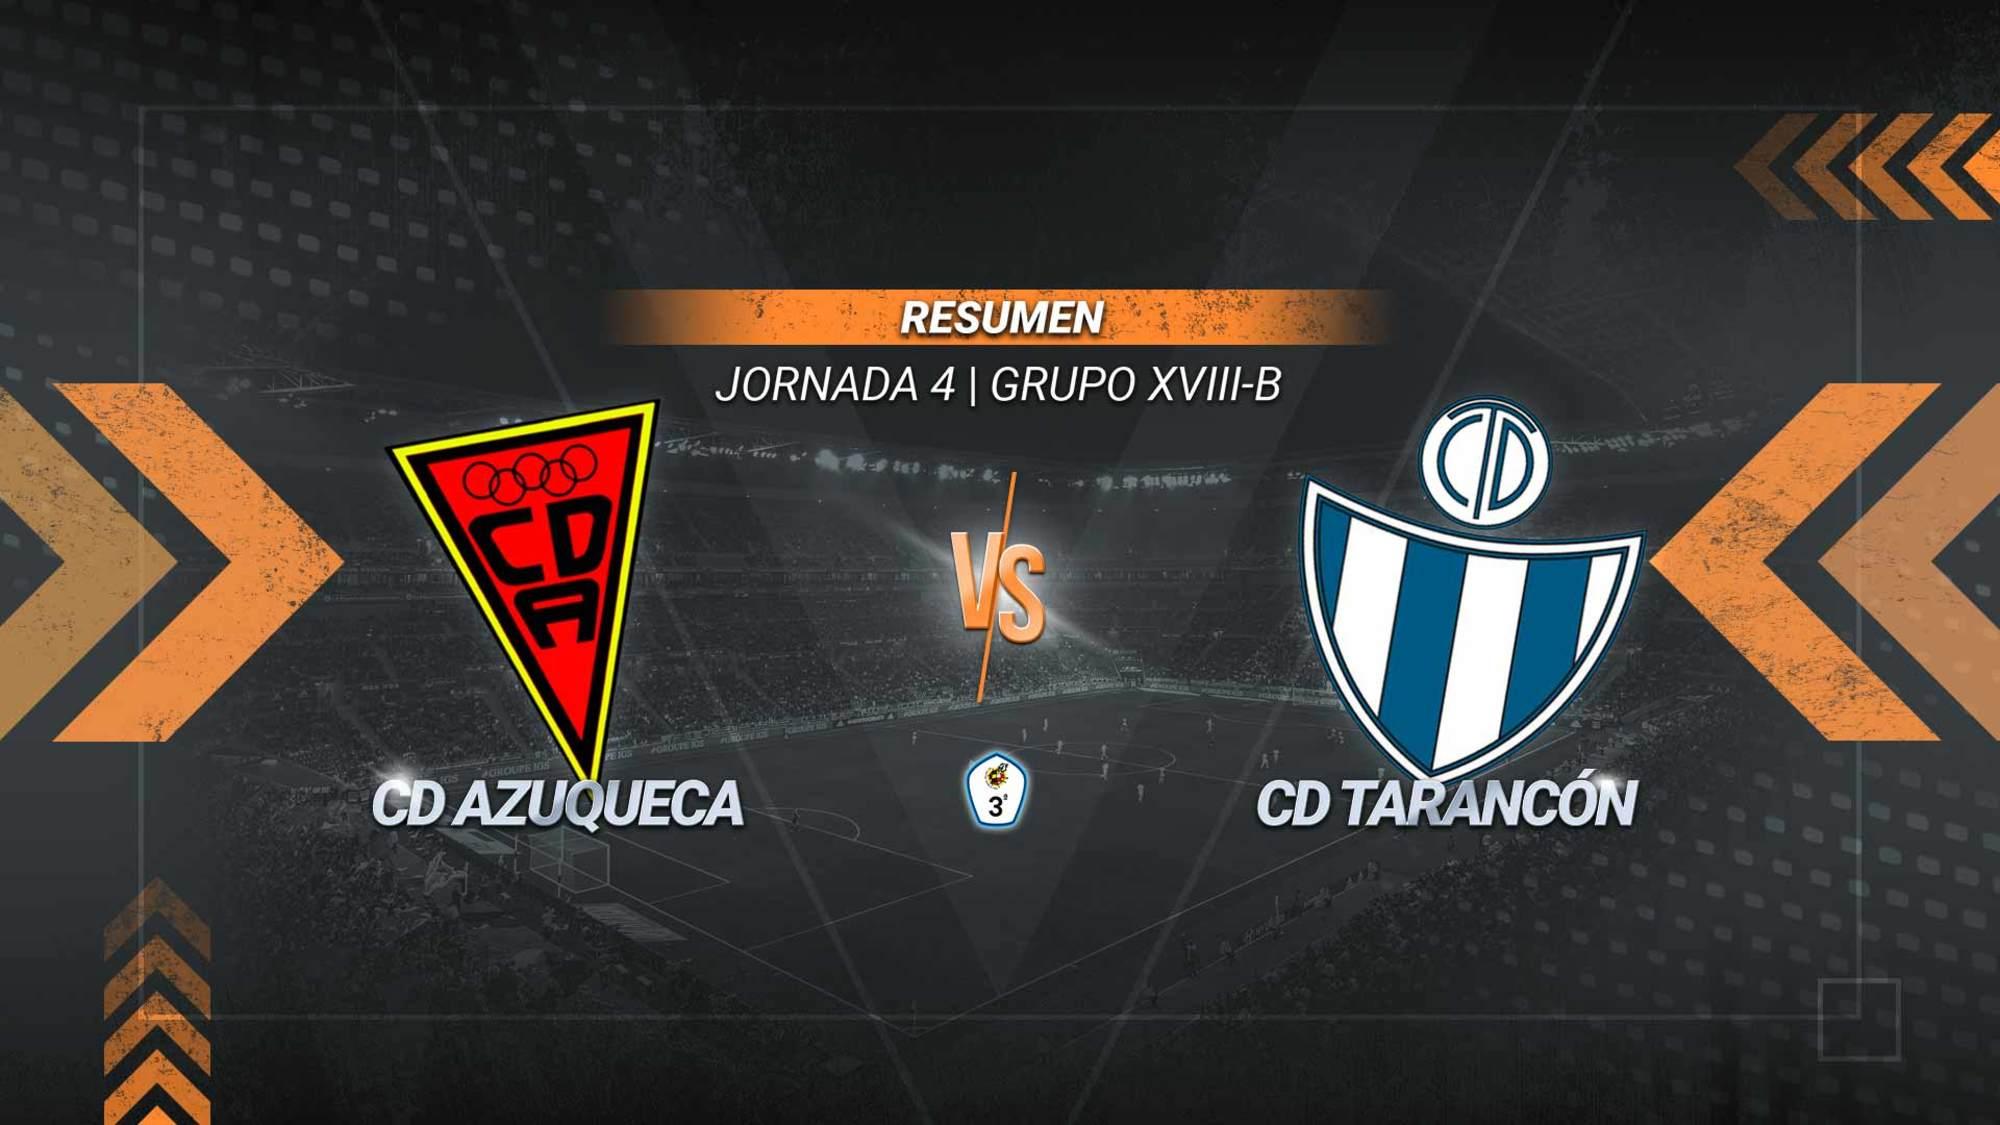 El Tarancón sigue imparable y cosecha en Azuqueca su cuarta victoria de la temporada con dos goles de Mazzocchi y uno de Iván Gil. El azudense Aitor Rubió falló un penalti con 0-0 en el marcador.